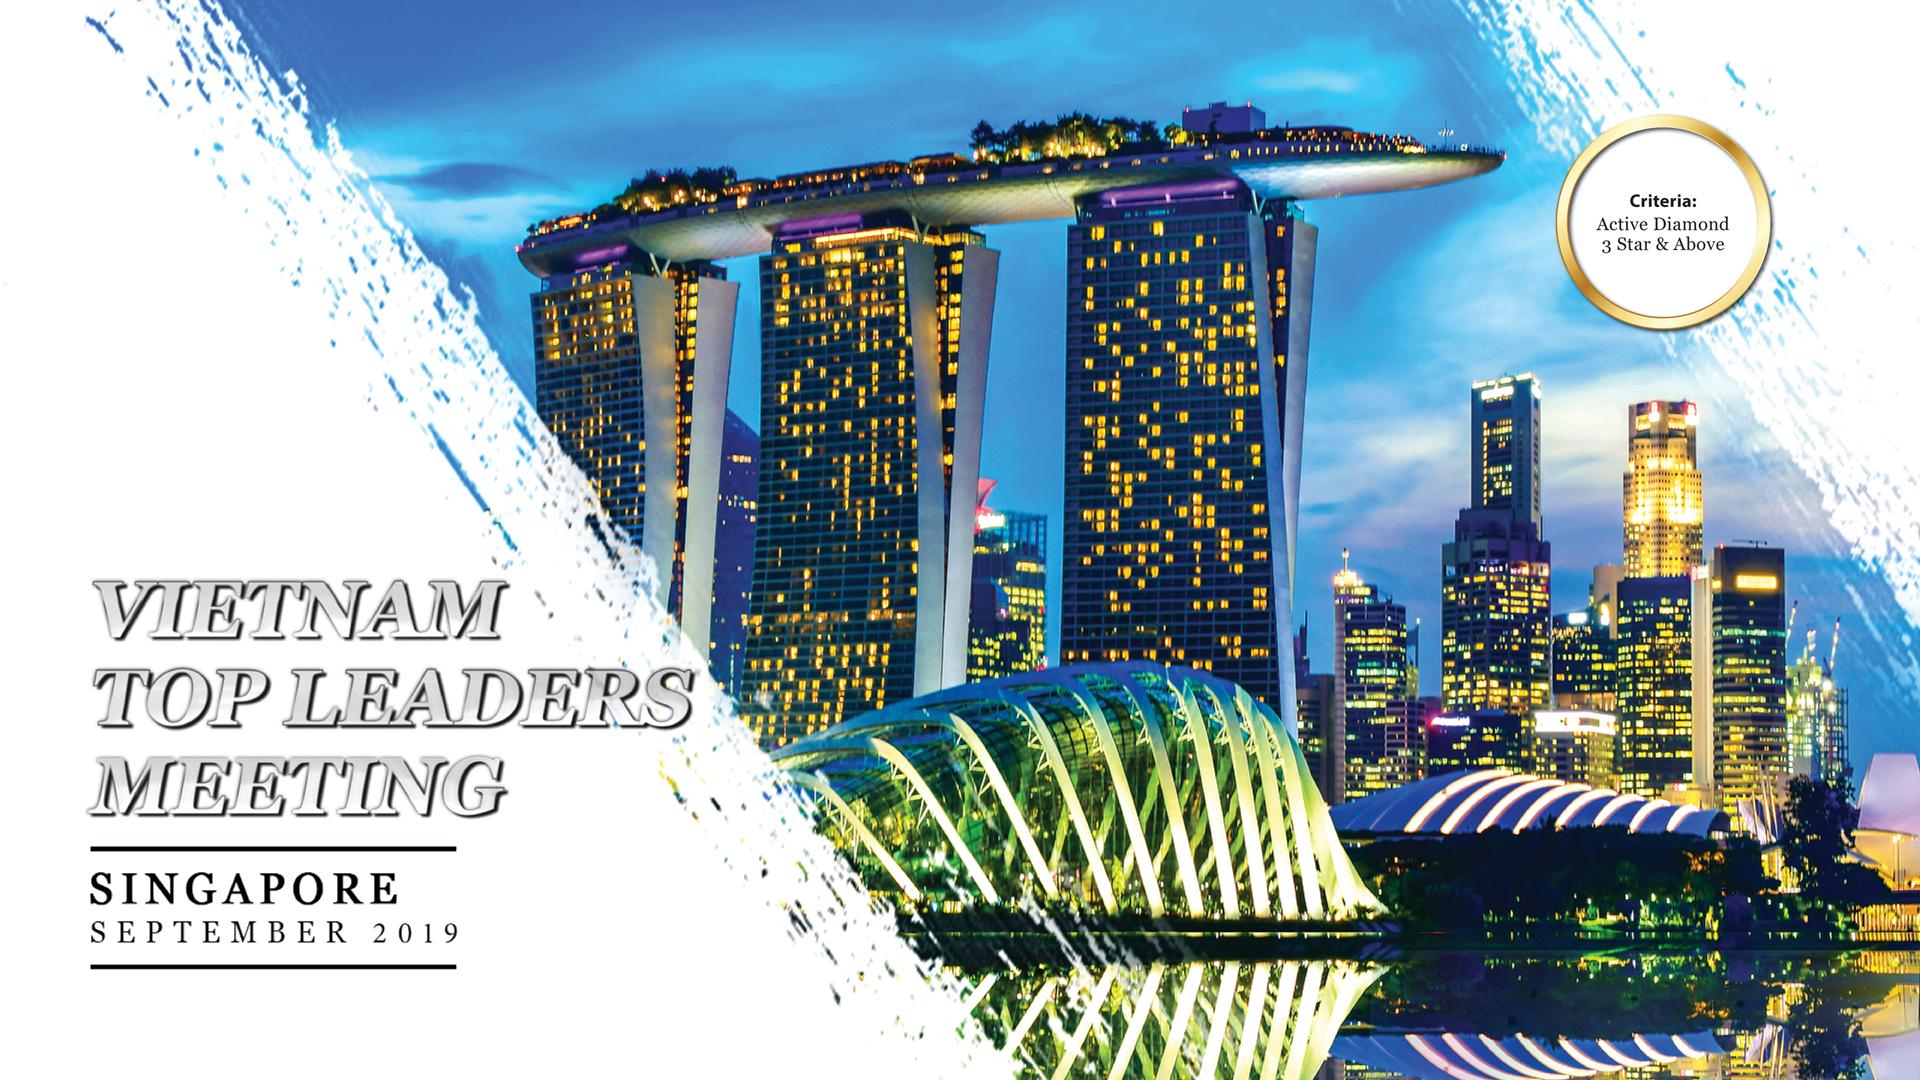 2019 Third Quarter Top Leaders Meeting – RIWAY International Group